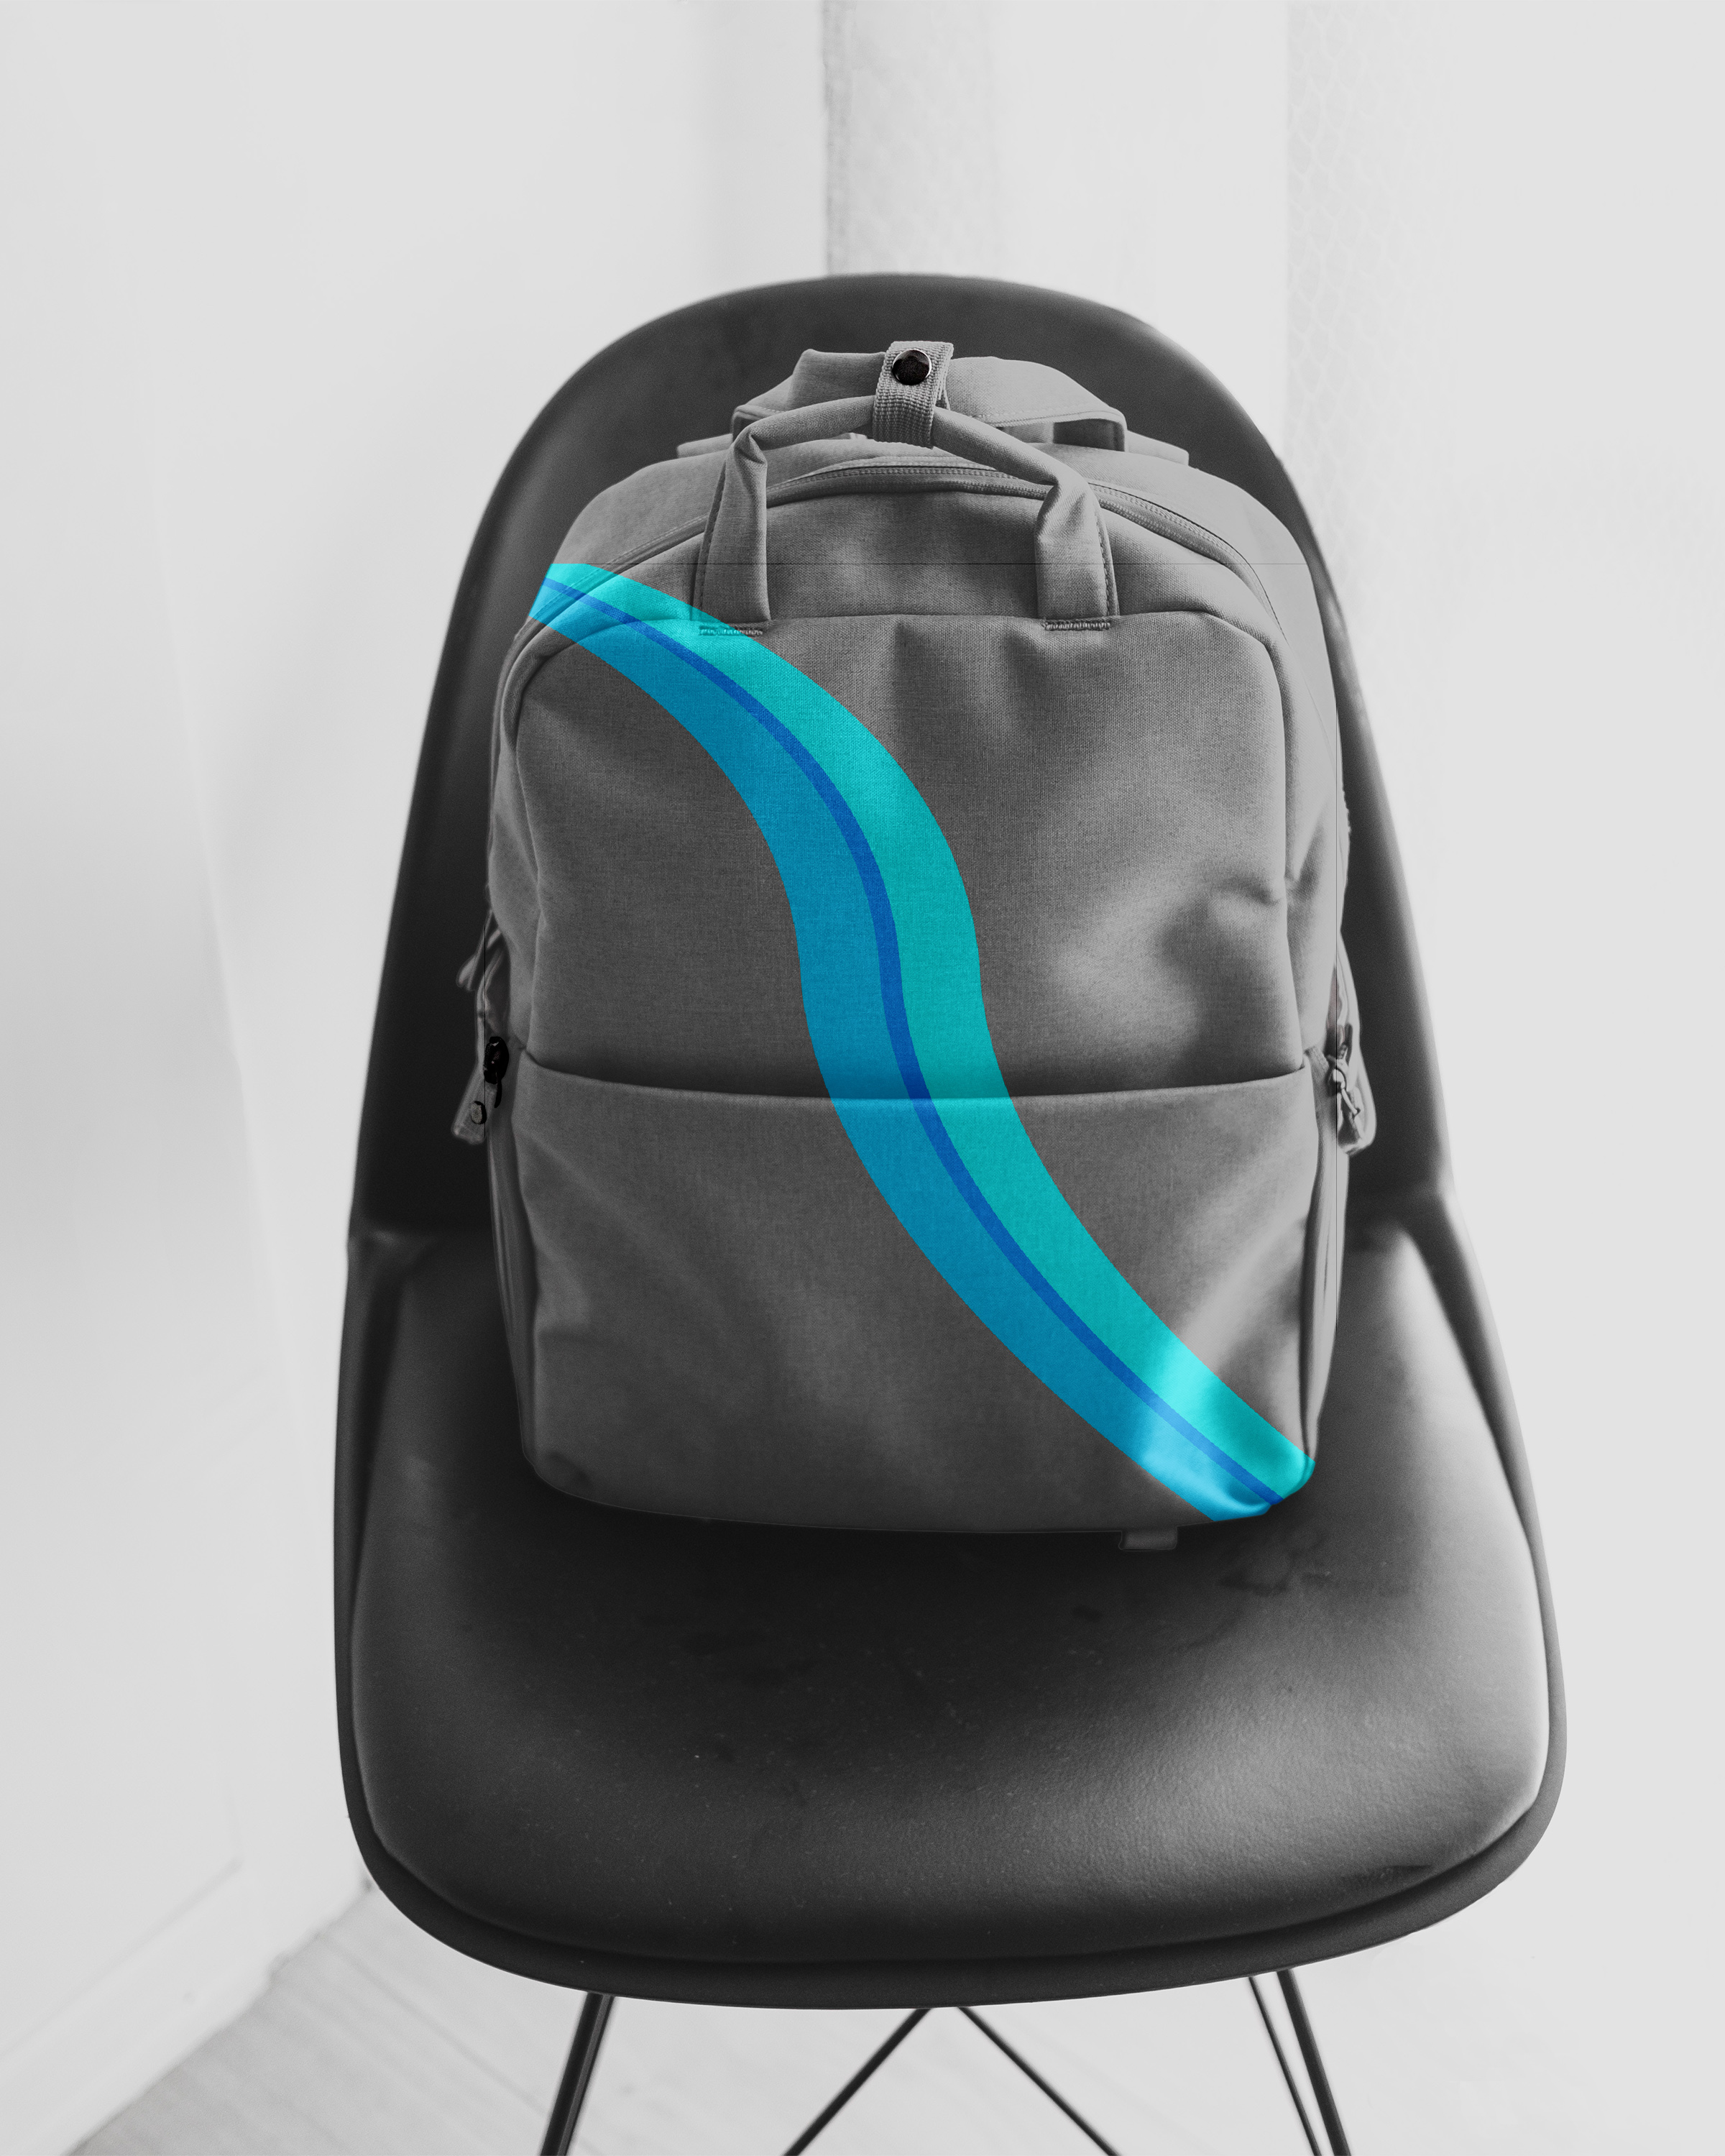 Конкурс на создание оригинального принта для рюкзаков фото f_4985f8a069d302fa.jpg